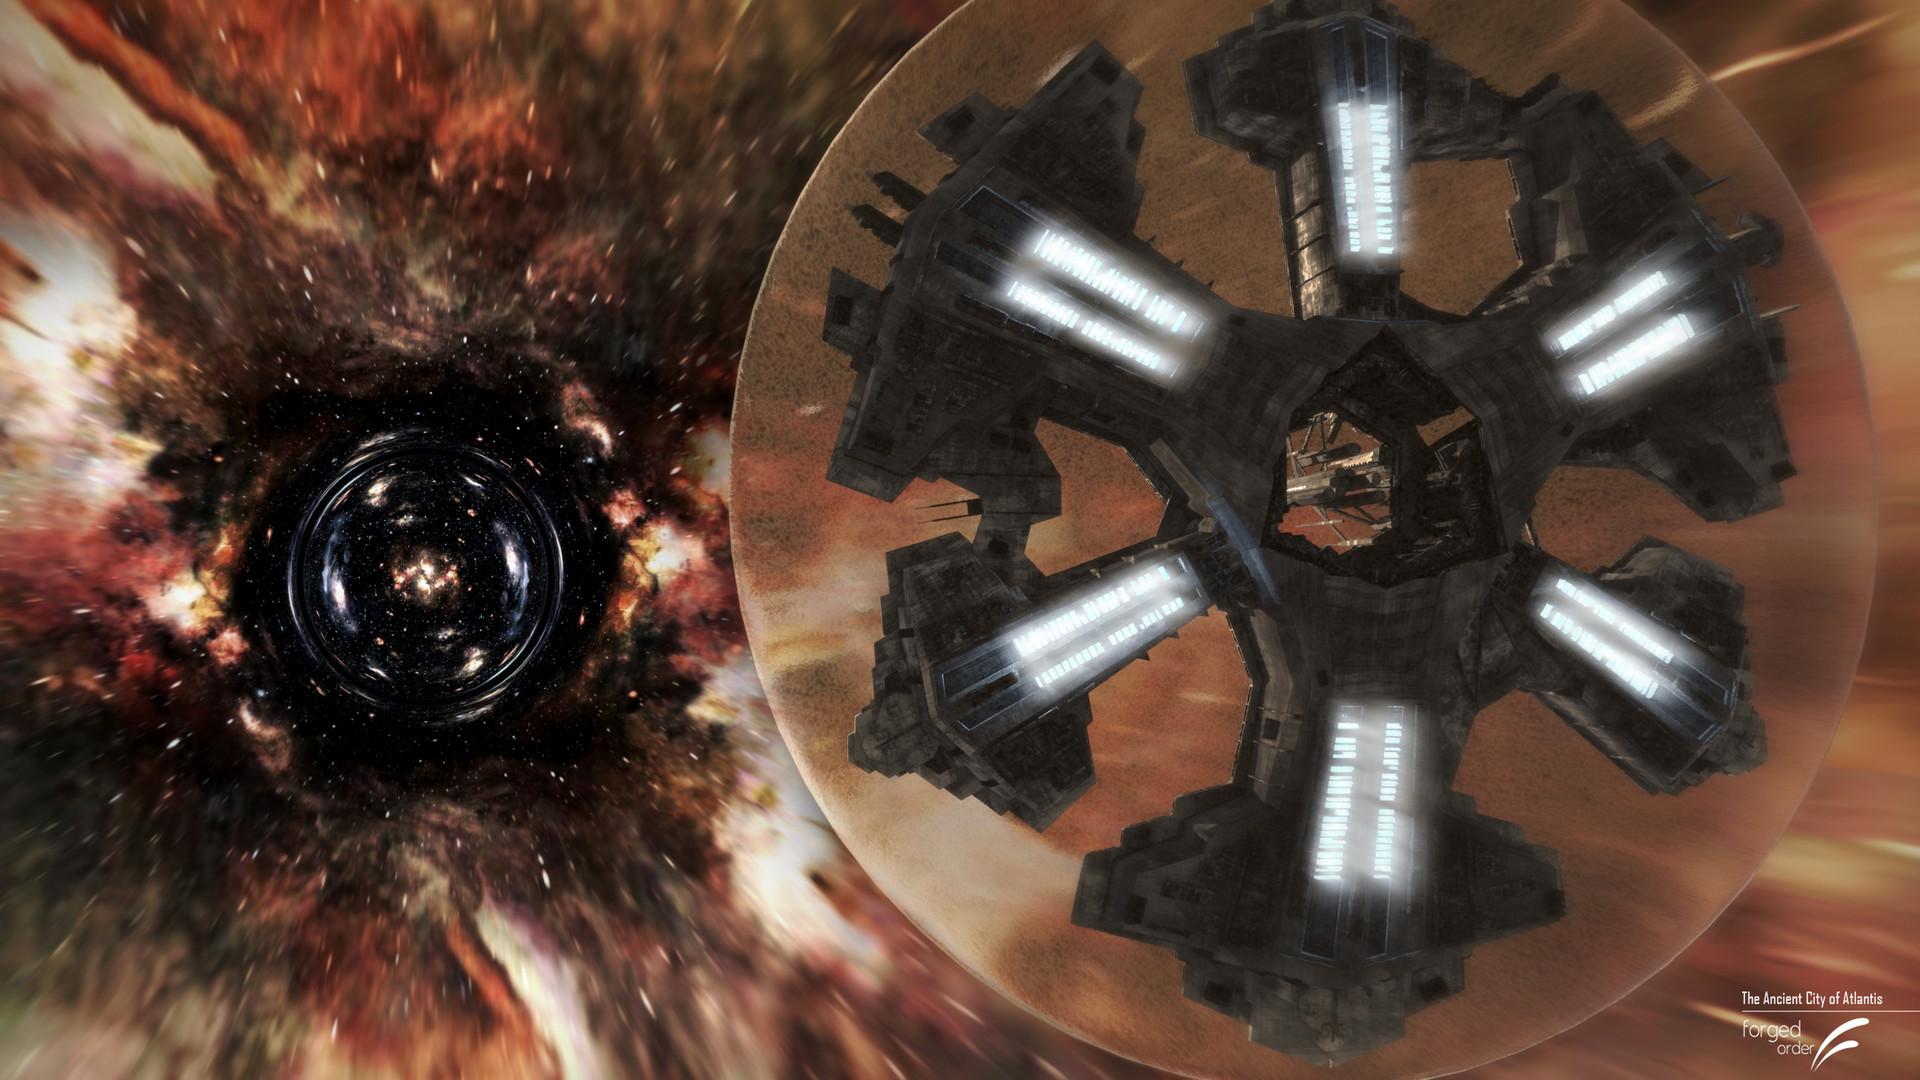 Attila nemeth forgedorder hyperspace